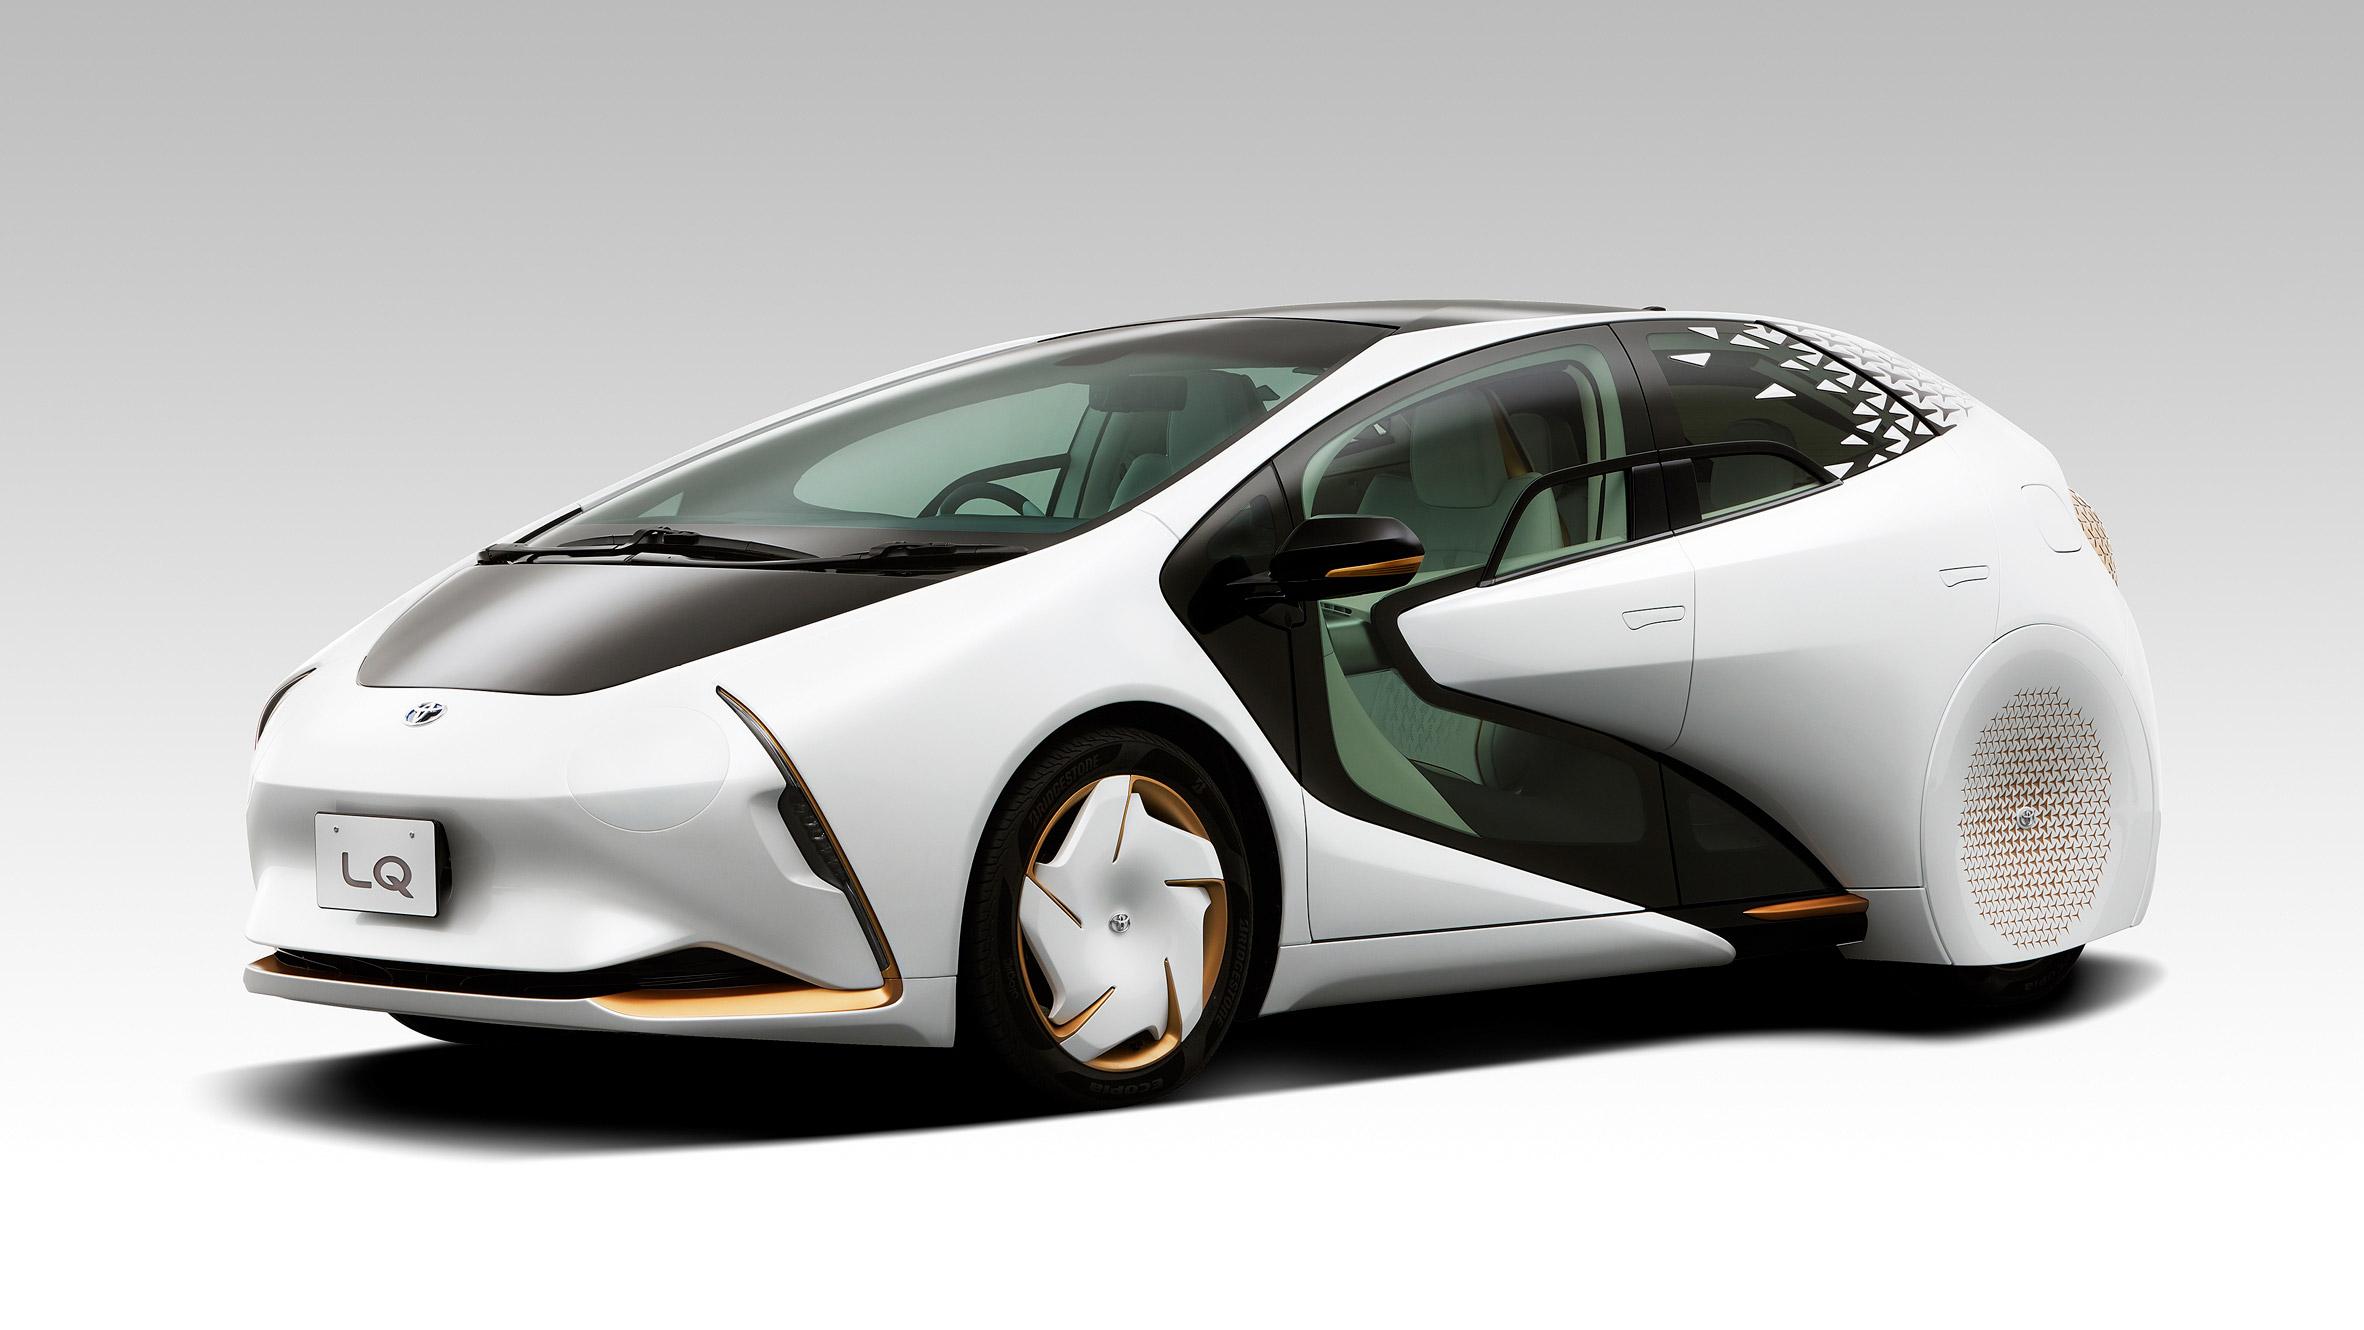 Concept design Toyota LQ